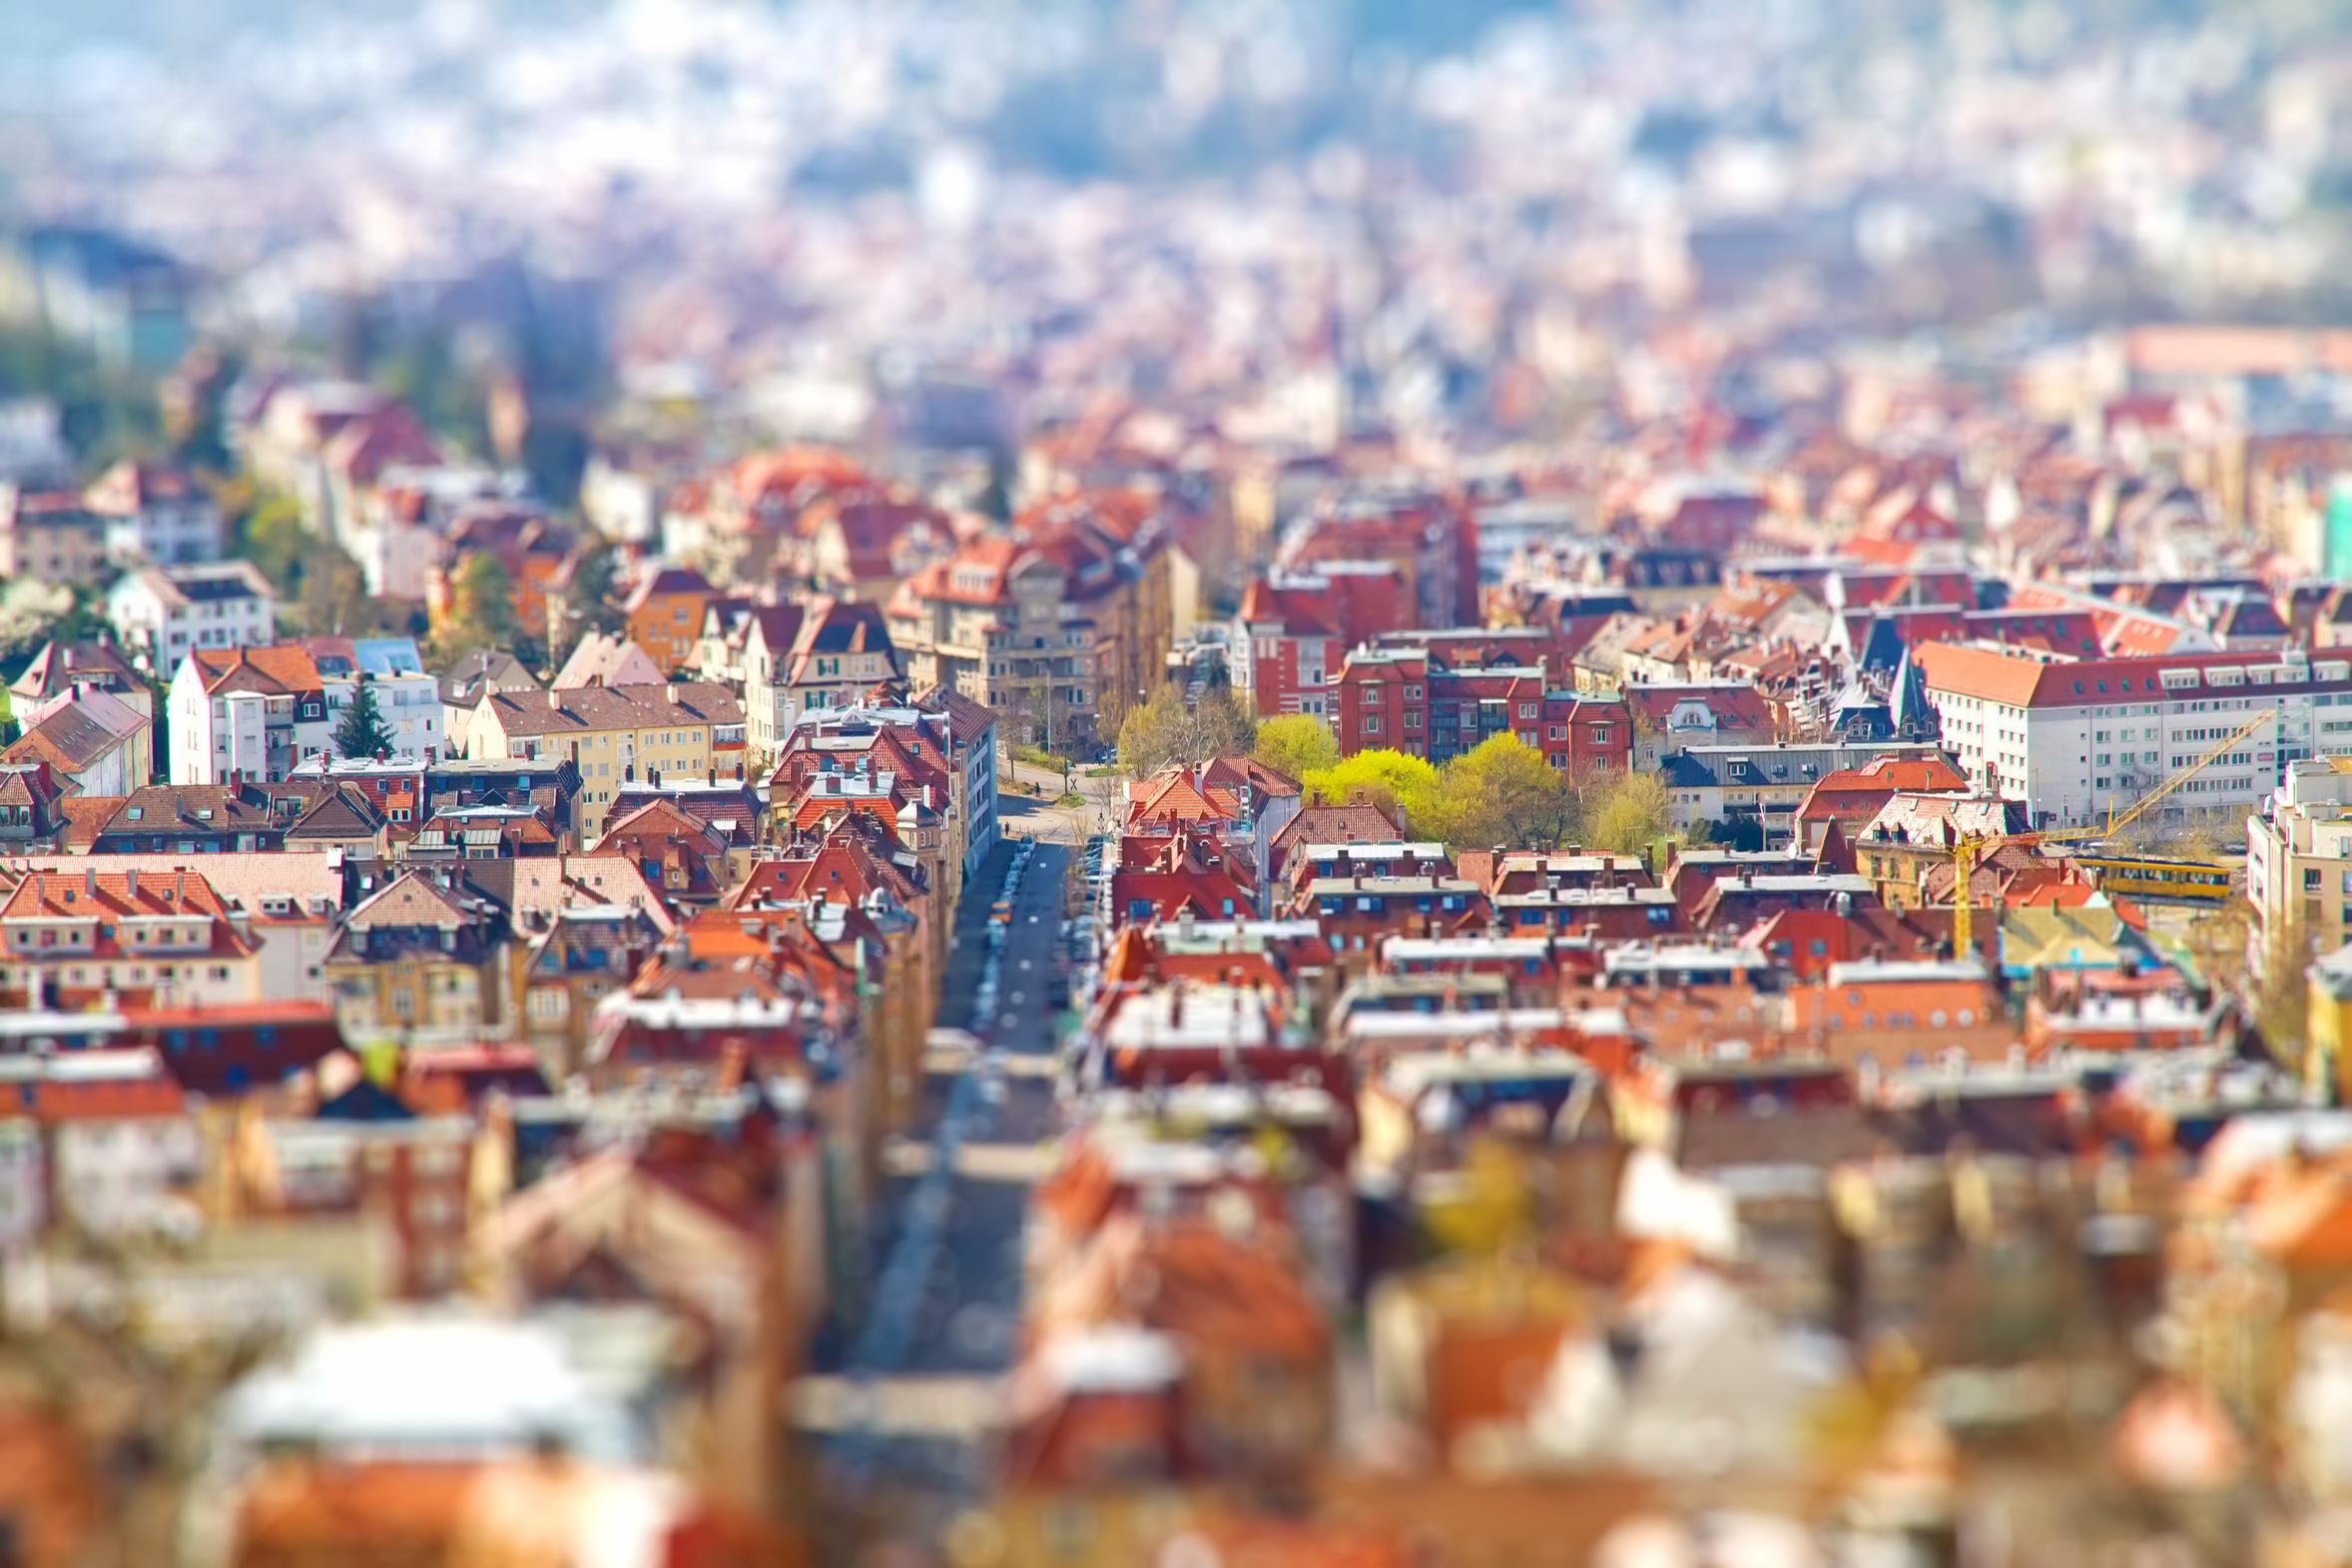 Man sieht die Draufsicht auf eine Stadt.